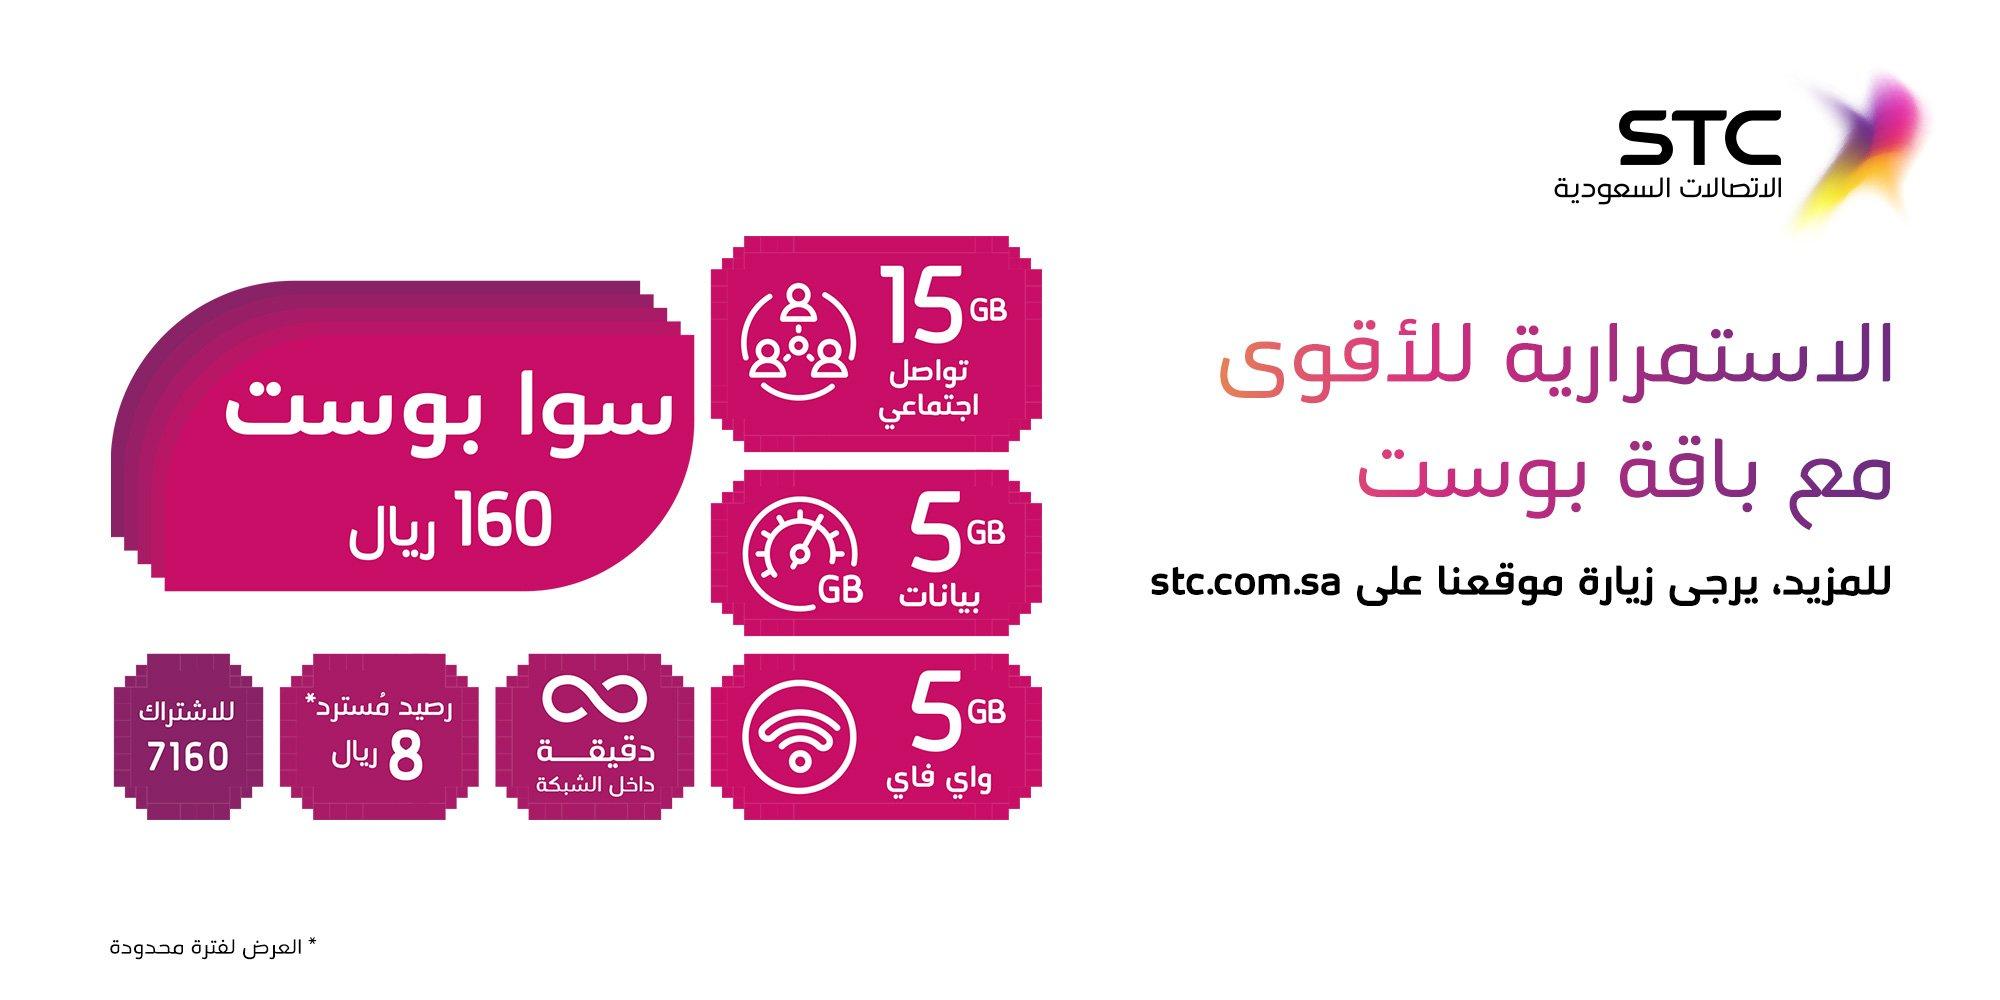 Stc السعودية Sur Twitter باقة سوا بوست الجديدة 15 جيجا تواصل اجتماعي 5 جيجا بيانات والمميزات الثانية في الإنفوجرافيك للمزيد أرسل سوا إلى 900 سوا أقوى Https T Co Epdhki1dhw